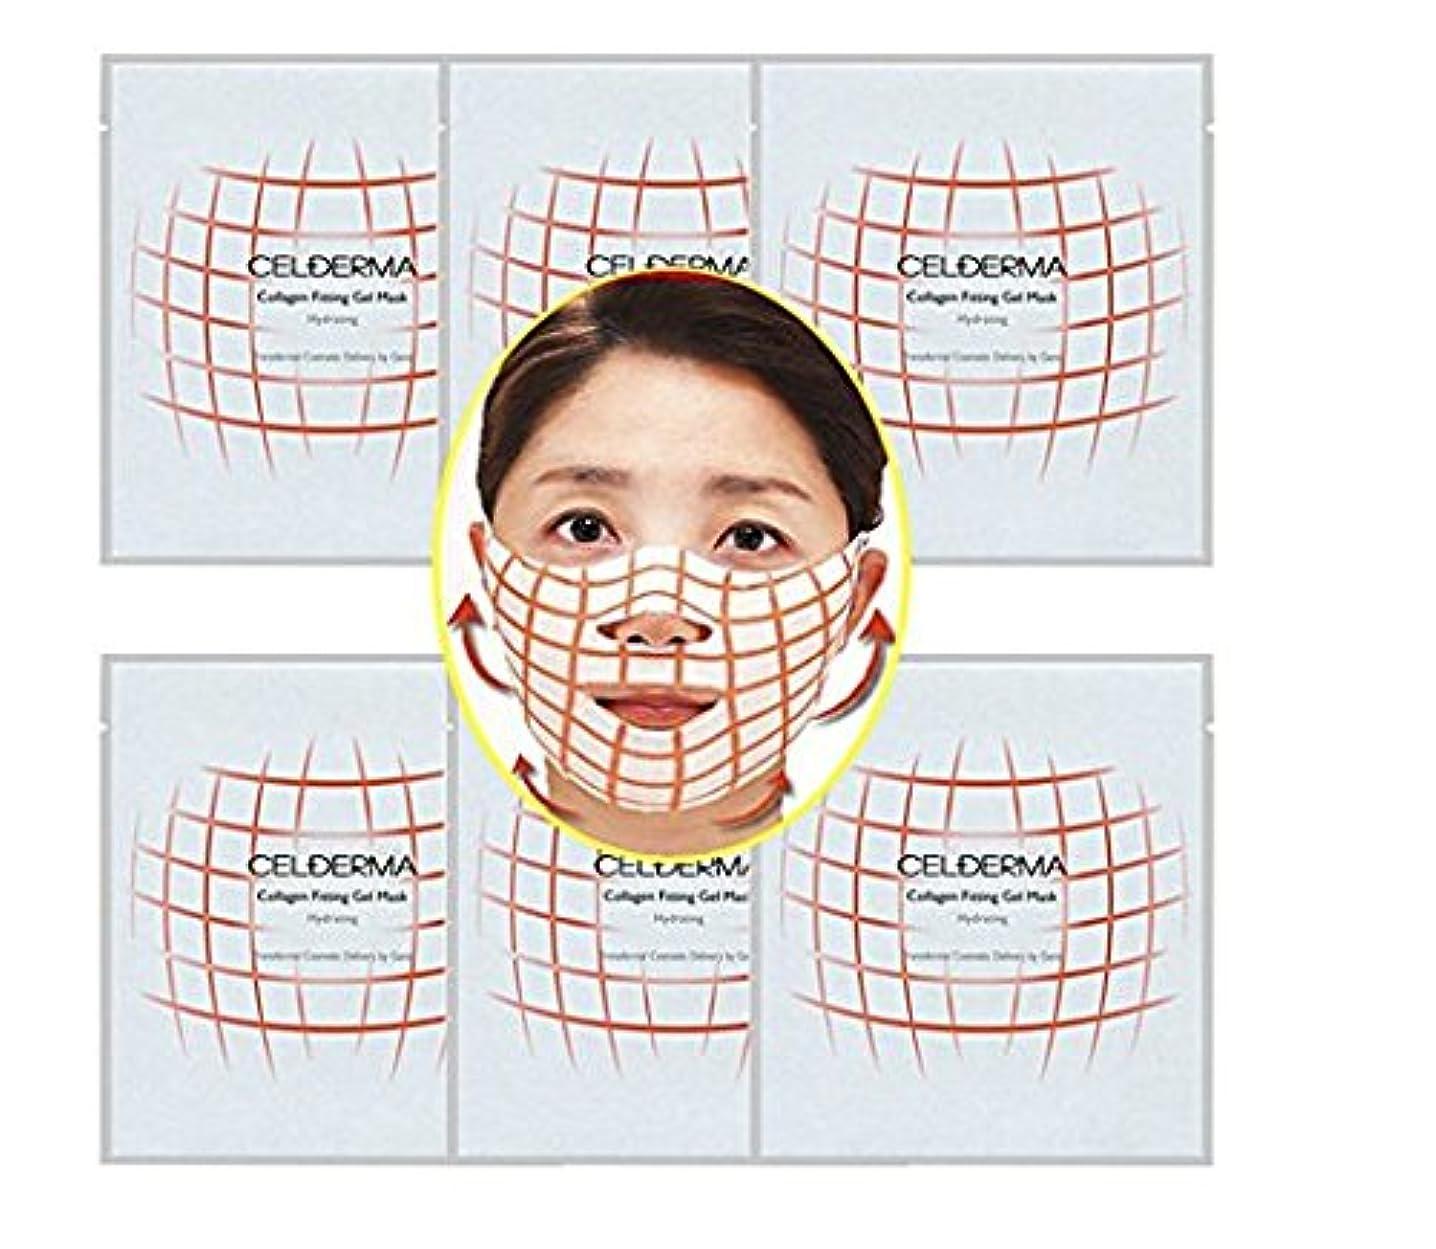 アジア家族乳剤[セルドマ] Celderma コラーゲン フィッティング ハイドロゲル マスク ヒアルロン酸 ペプチド 肌の再生 シワ改善 美白 リフティング 海外直送品 (Collagen Fitting Hydrating Gel Mask Hyaluronic acid Peptide Skin Wrinkle Whitening Lifting effect) (10枚)